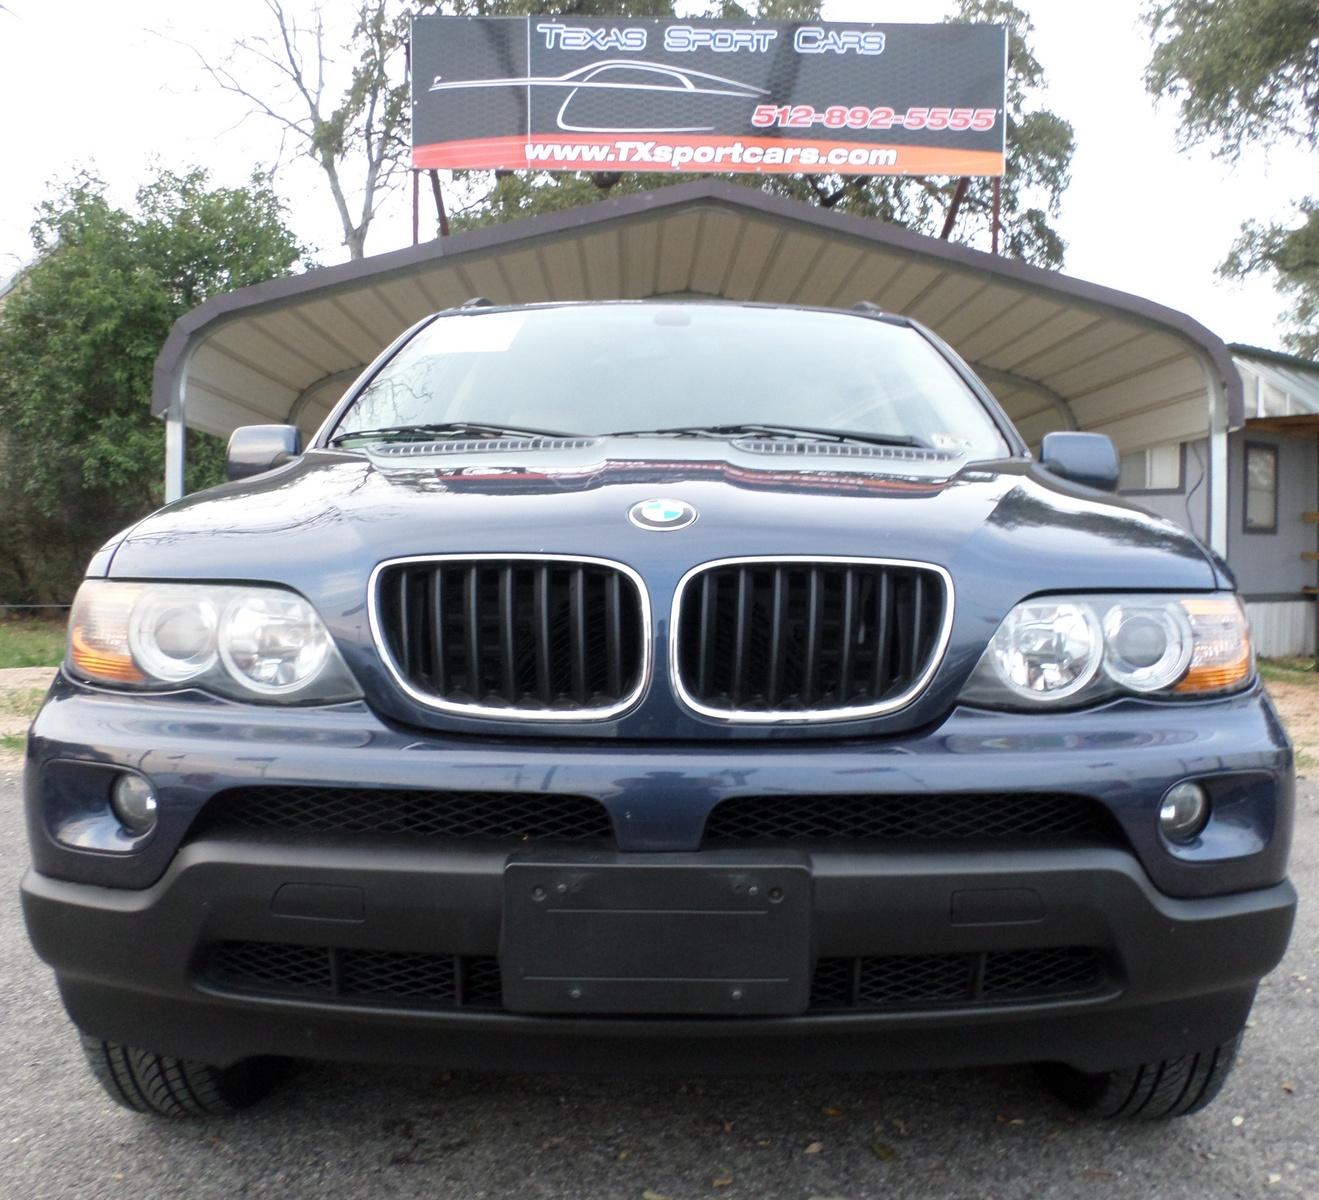 Bmw Z4 Reliability: 2006 BMW X5